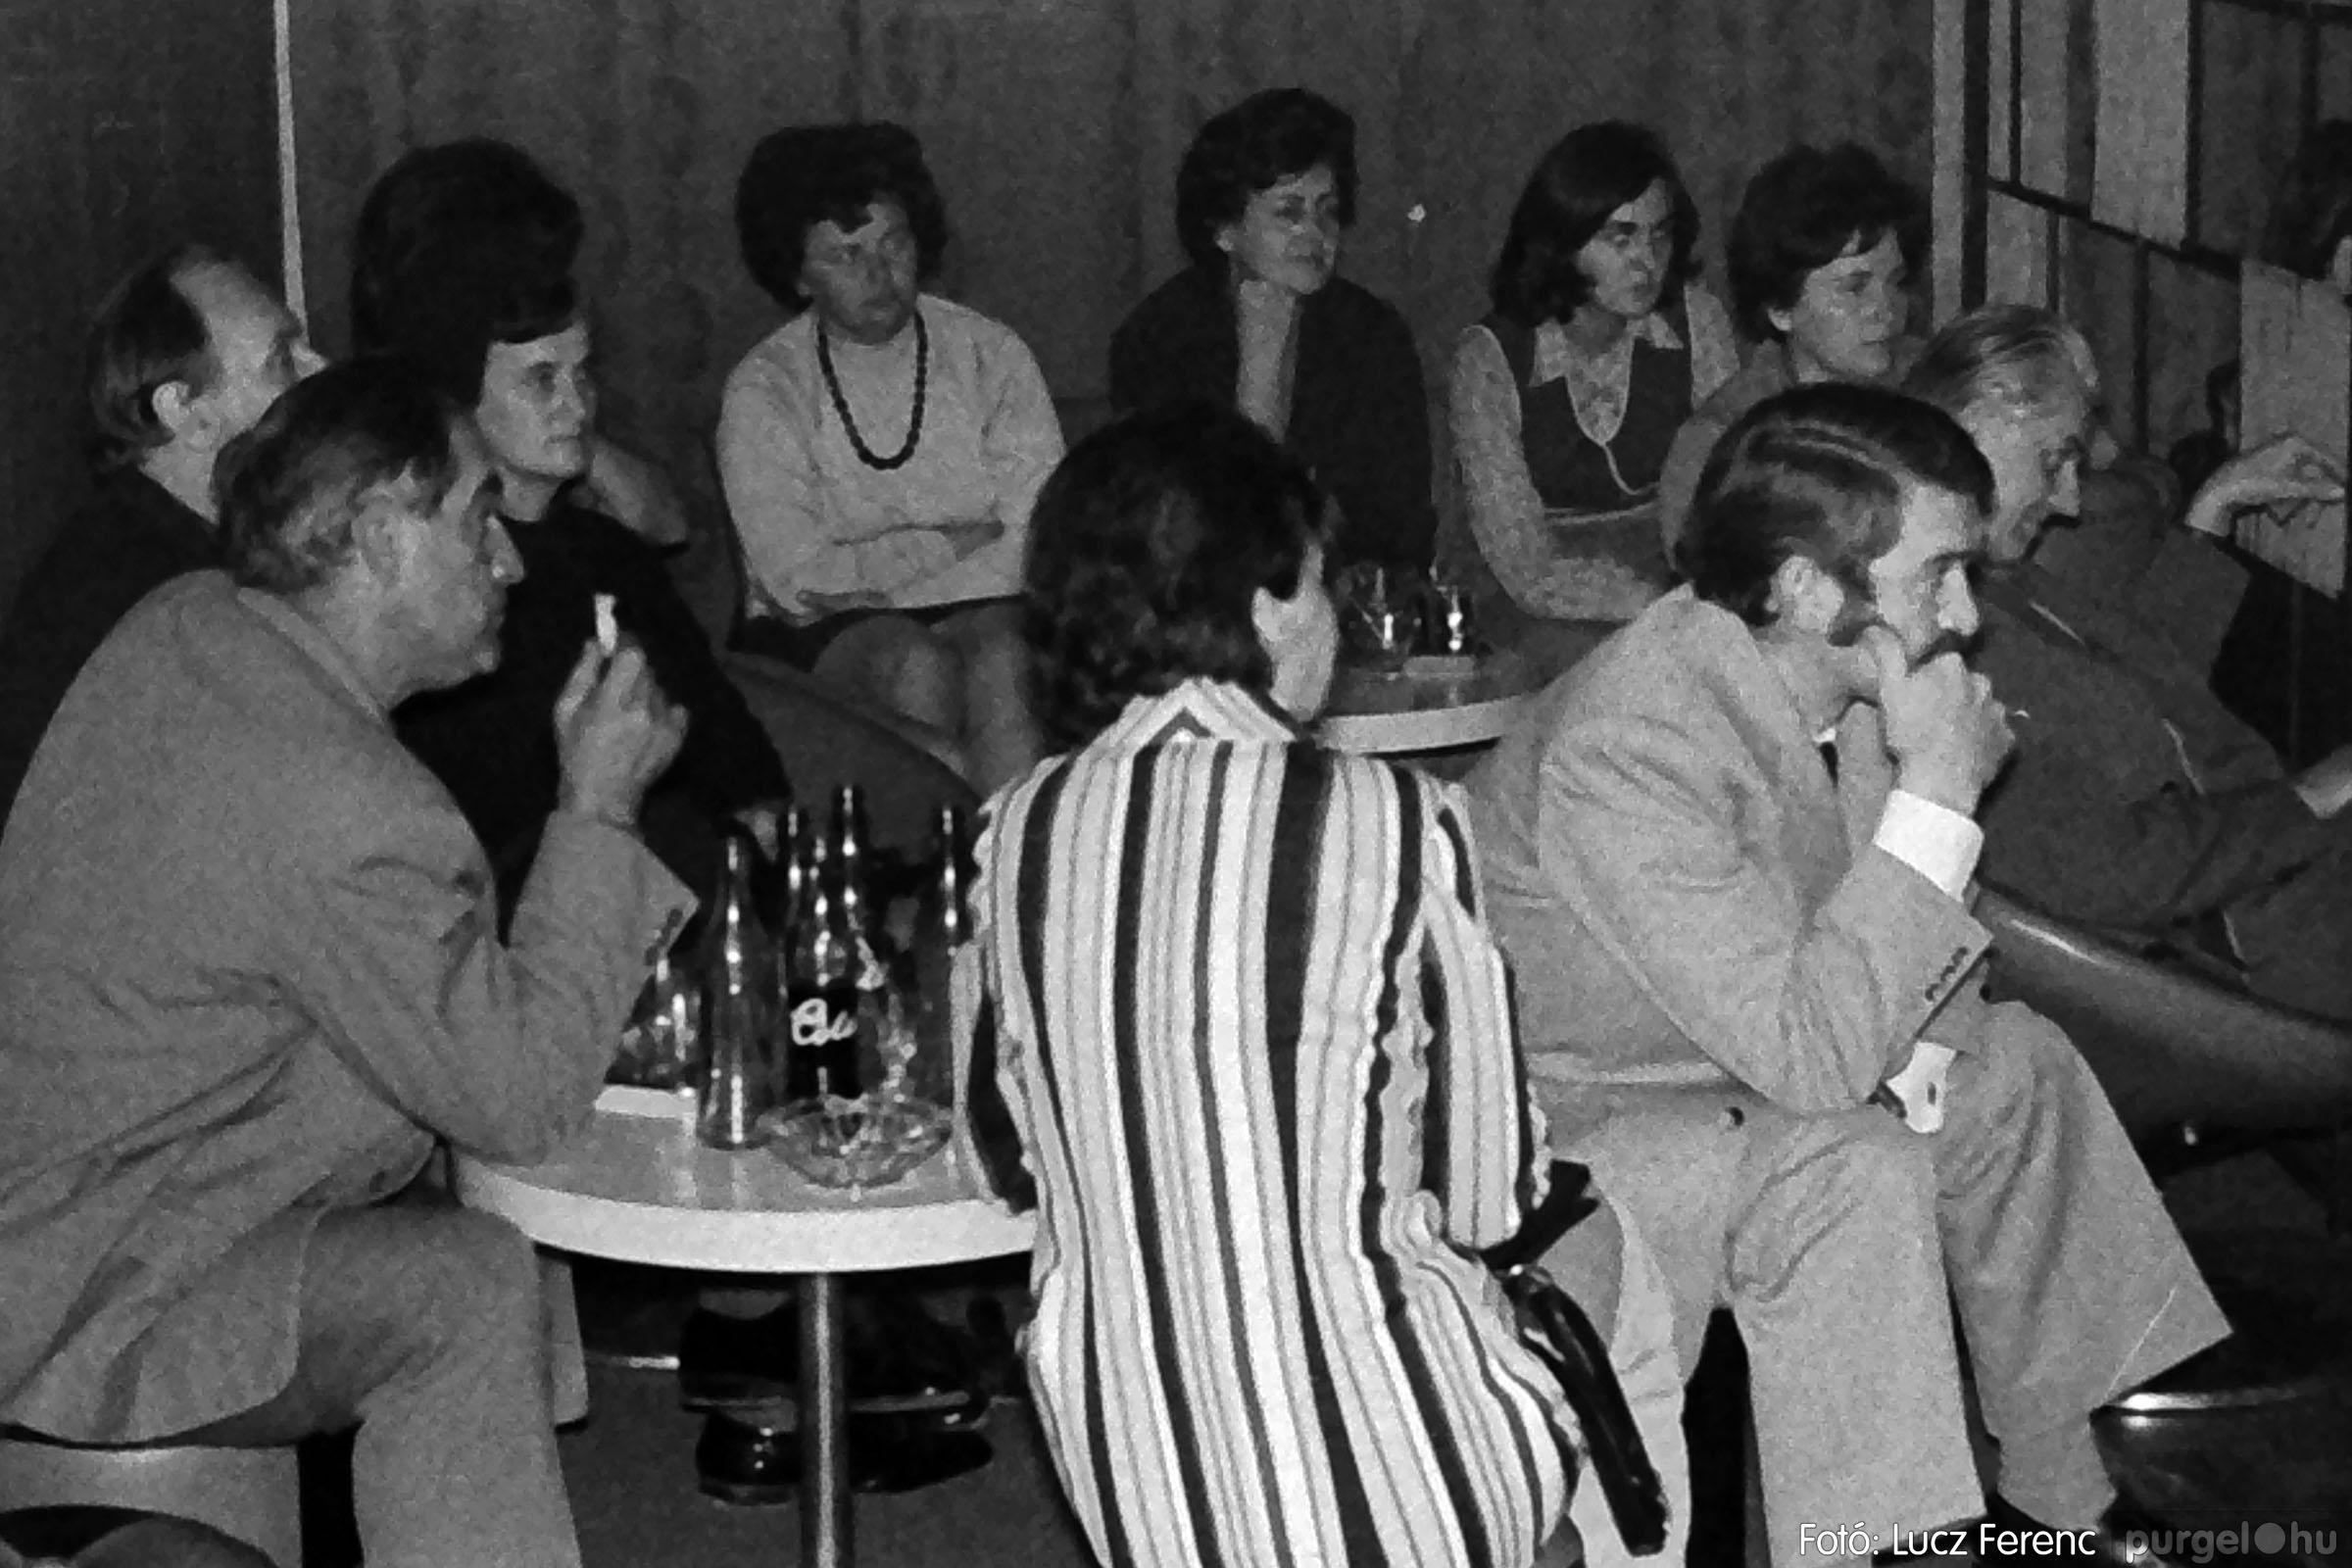 004A 1970-es évek - Ifjúsági klub 003 - Fotó: Lucz Ferenc IMG01164q.jpg